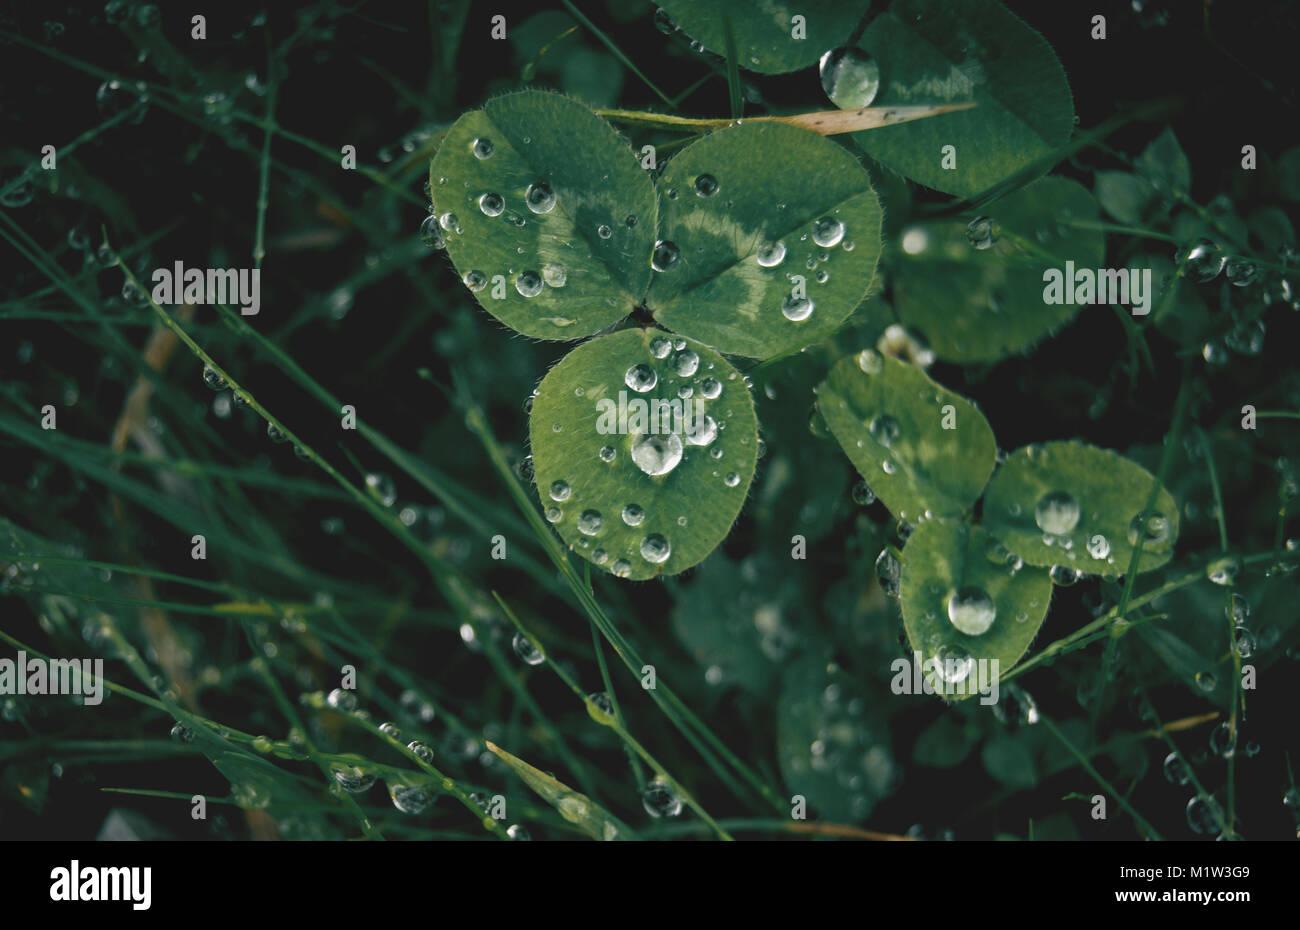 Clover leaf shape stock photos clover leaf shape stock - Agua de lluvia ...